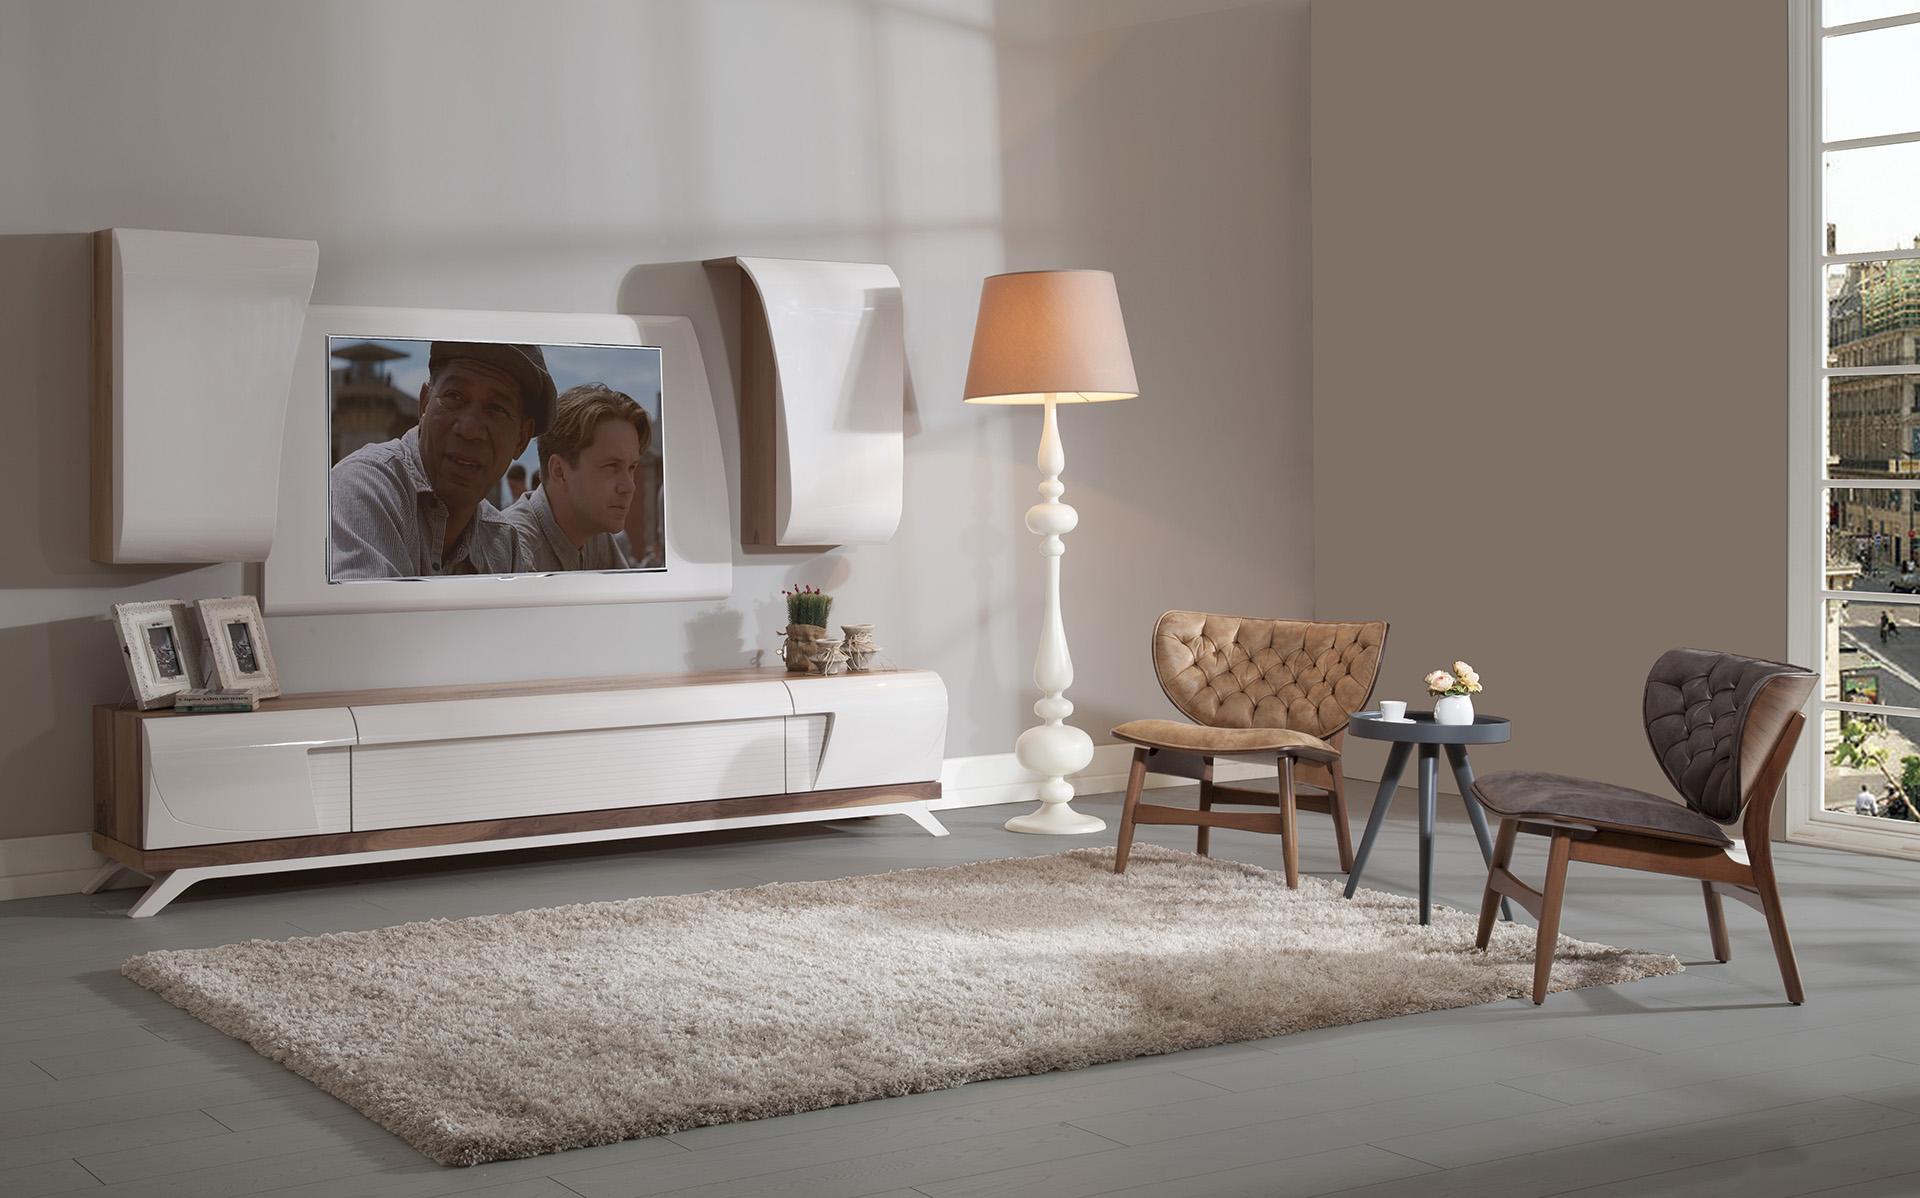 dikey hatlı mobilyalar ile ilgili görsel sonucu